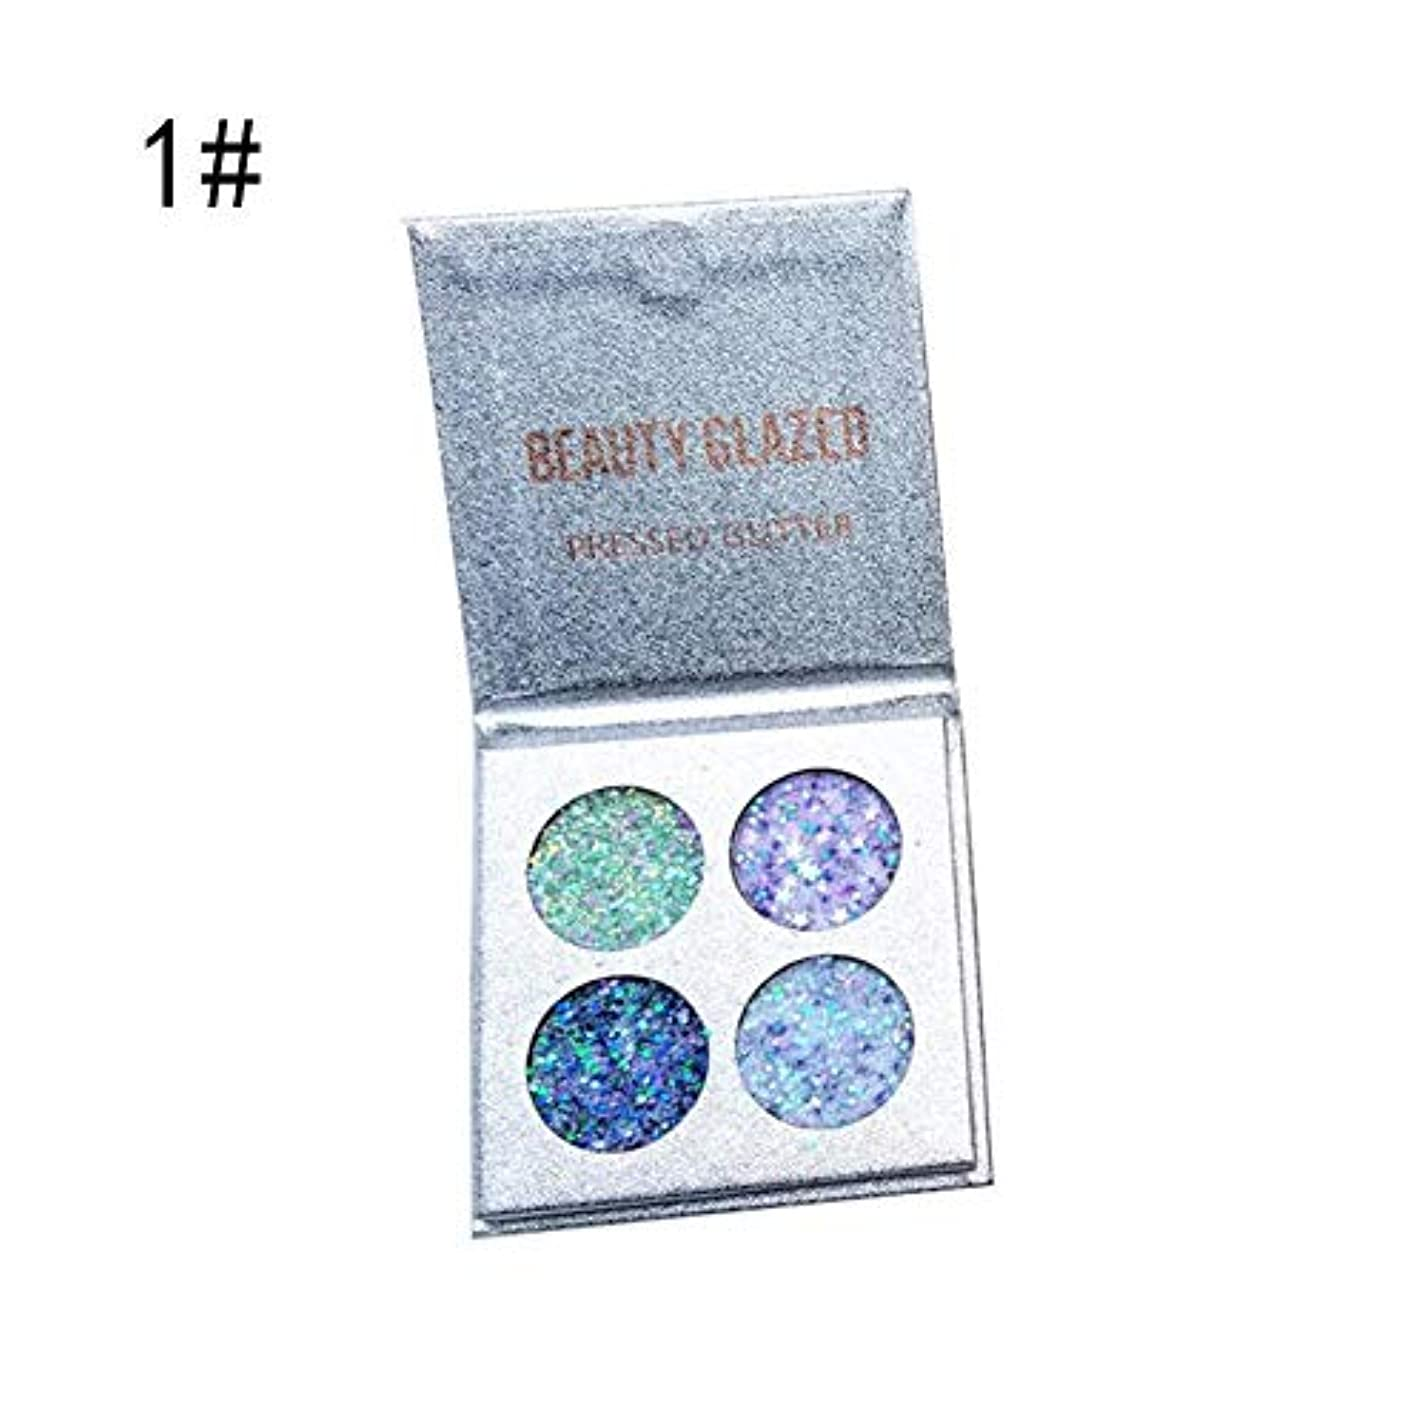 収縮谷主権者BETTER YOU (ベター ュー) beauty glazed 4色スパンコールアイシャドウ、浮遊粉なし、しみ込みやすく、防水、防汗性、持続性、天然 (A 1#)